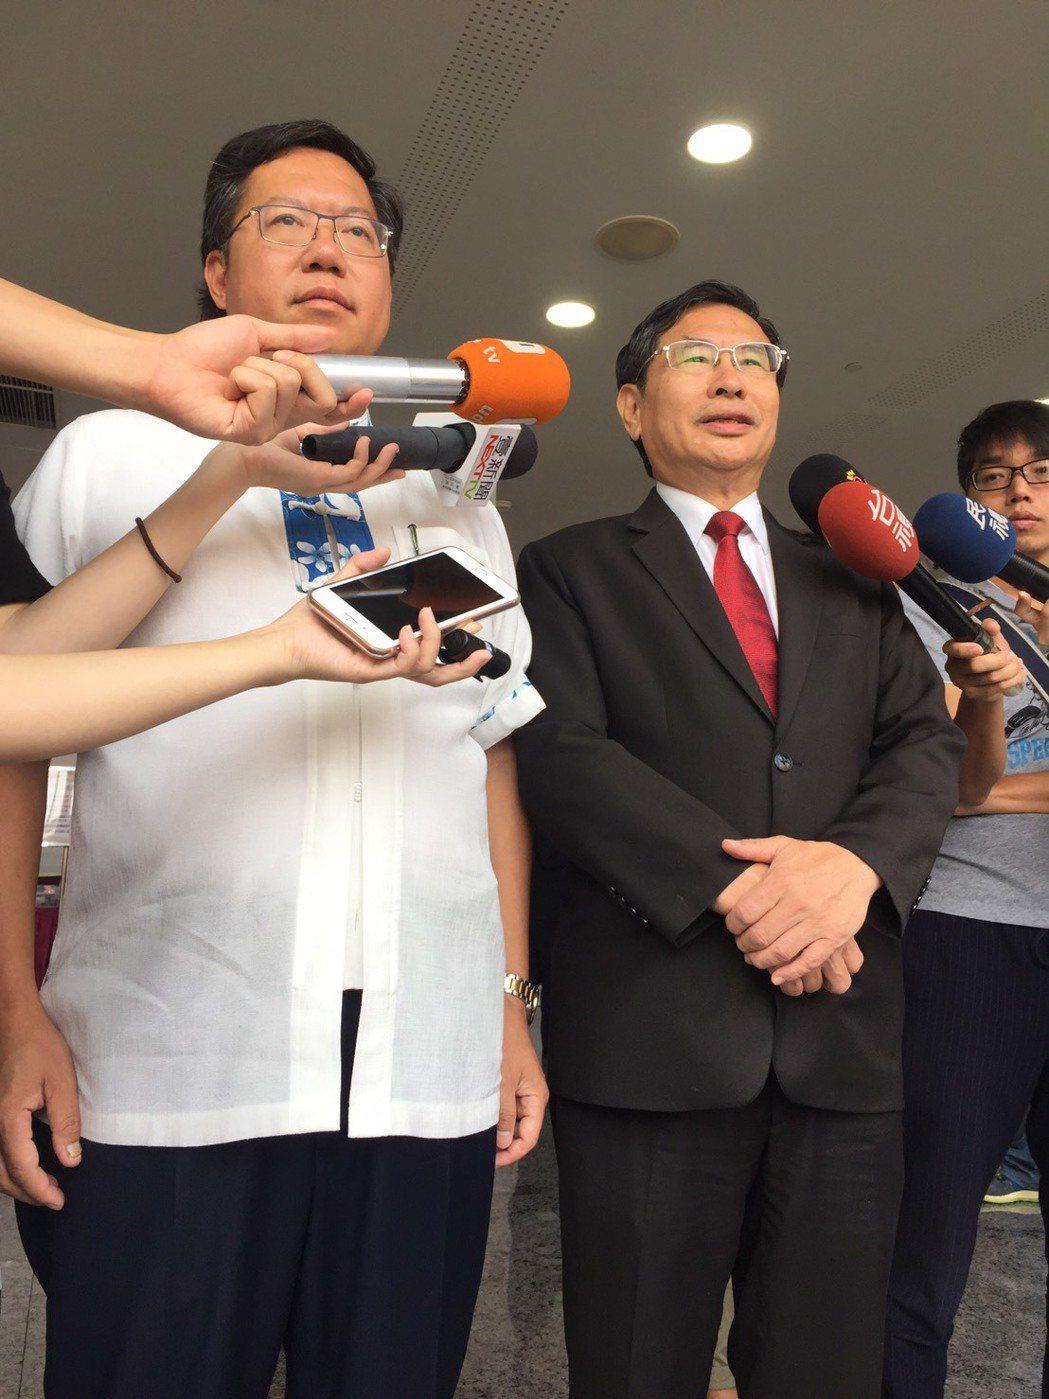 桃園市長鄭文燦(左)因國道車禍「卡住了」遲到,與柯文哲擦身而過。記者陳雨鑫/攝影